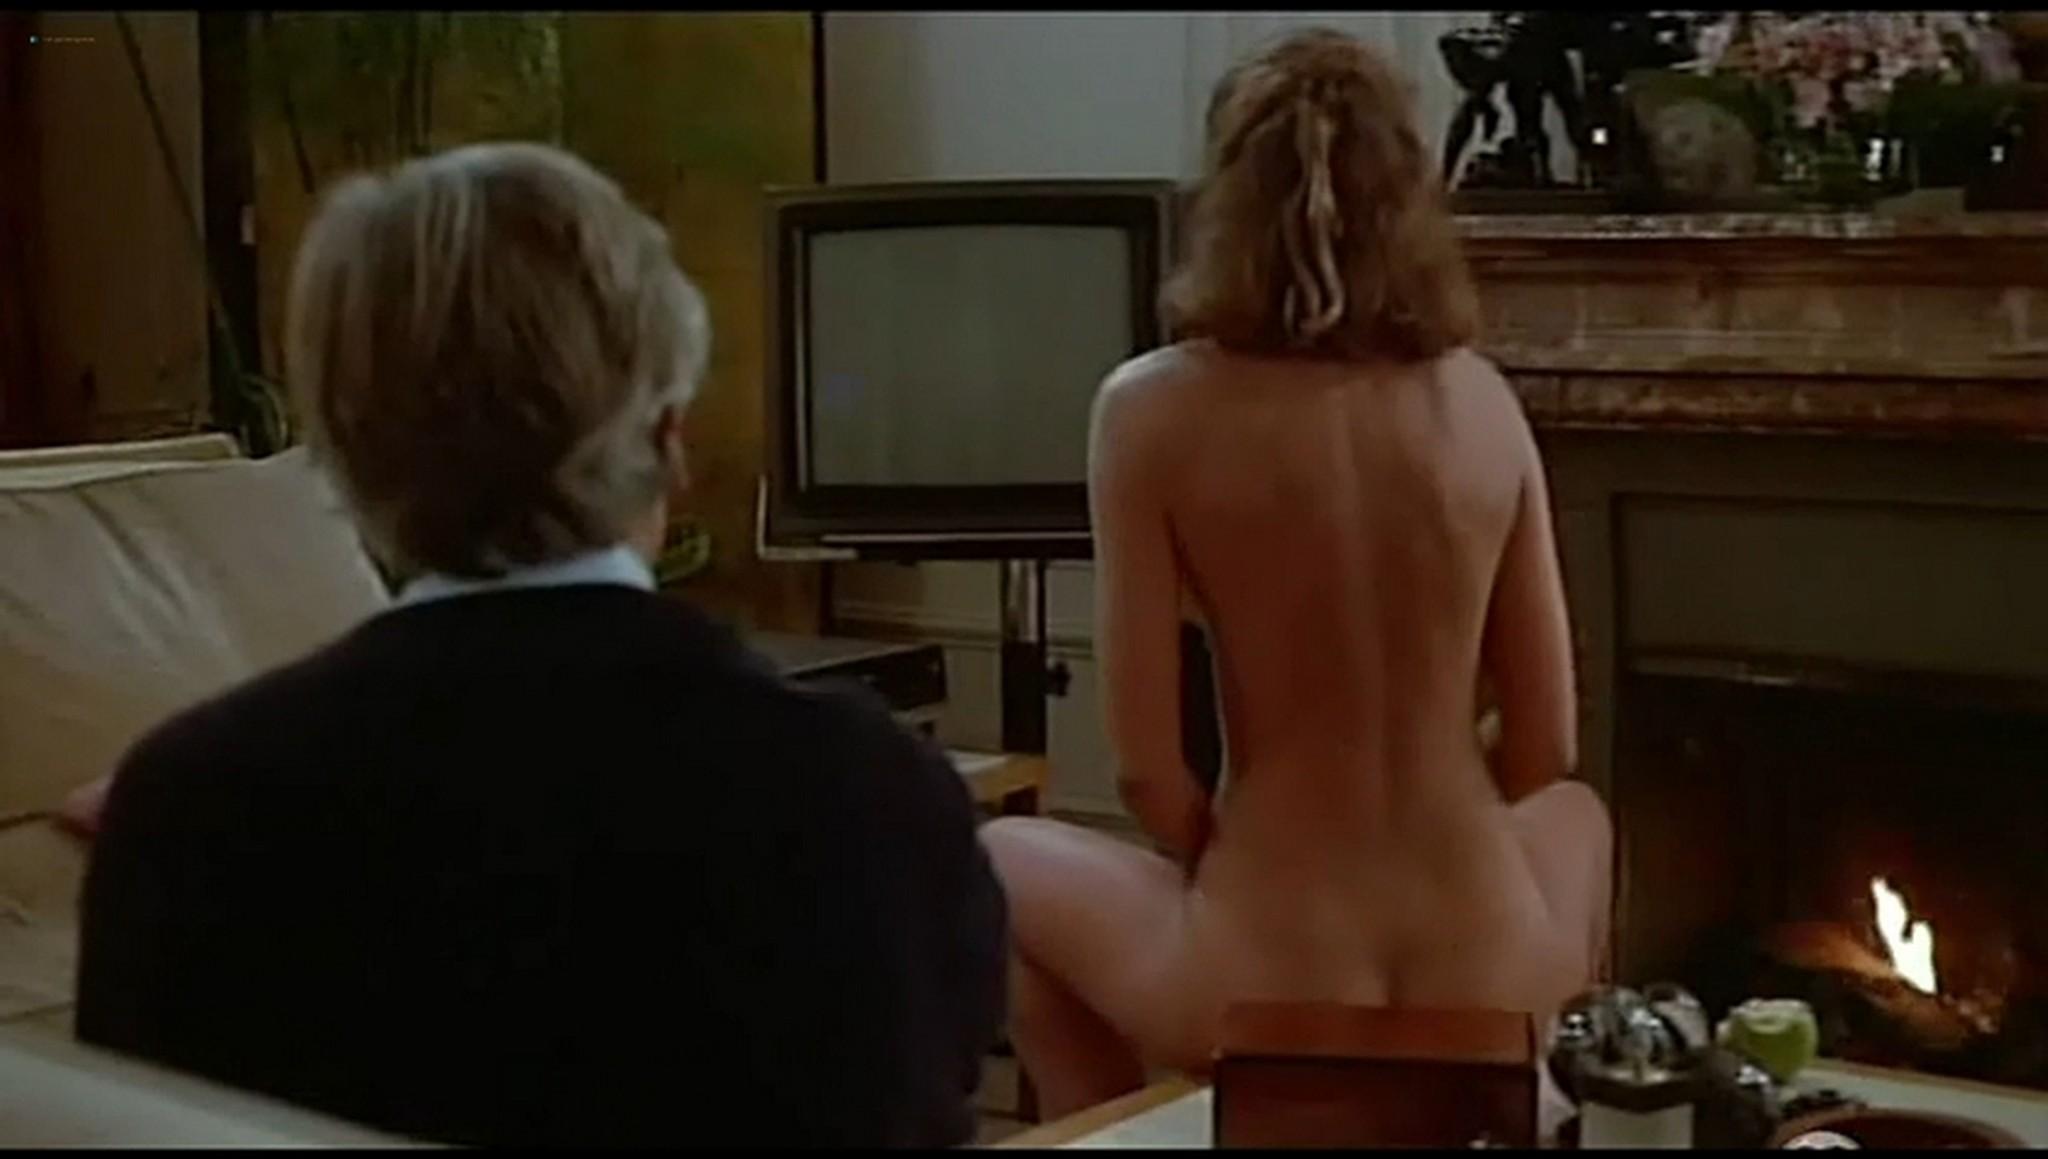 Valerie Kaprisky nude full frontal Caroline Cellier and others nude L annee des meduses 1984 6